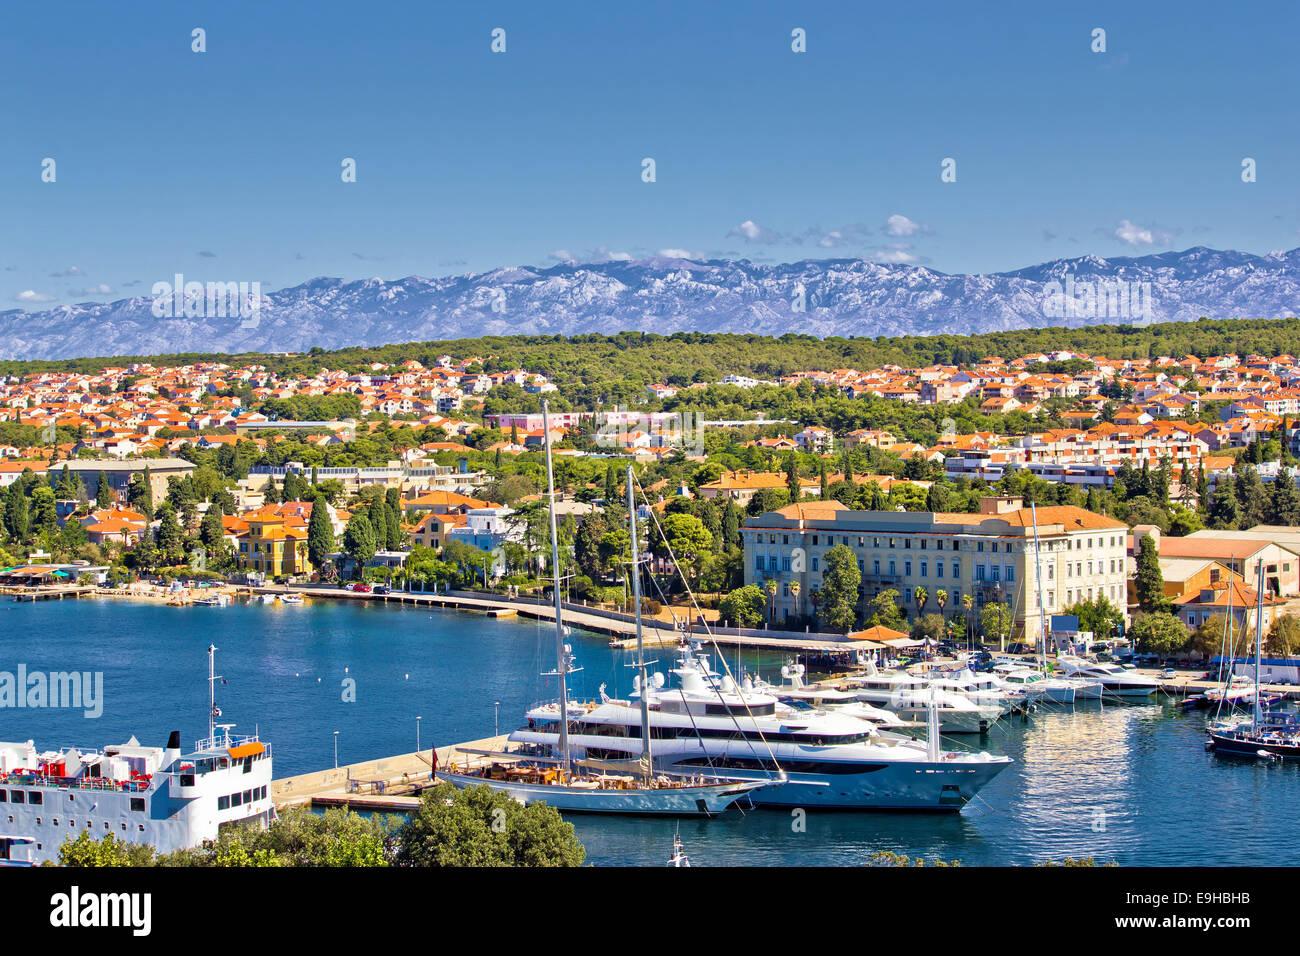 City of Zadar harbor and Velebit mountain Stock Photo